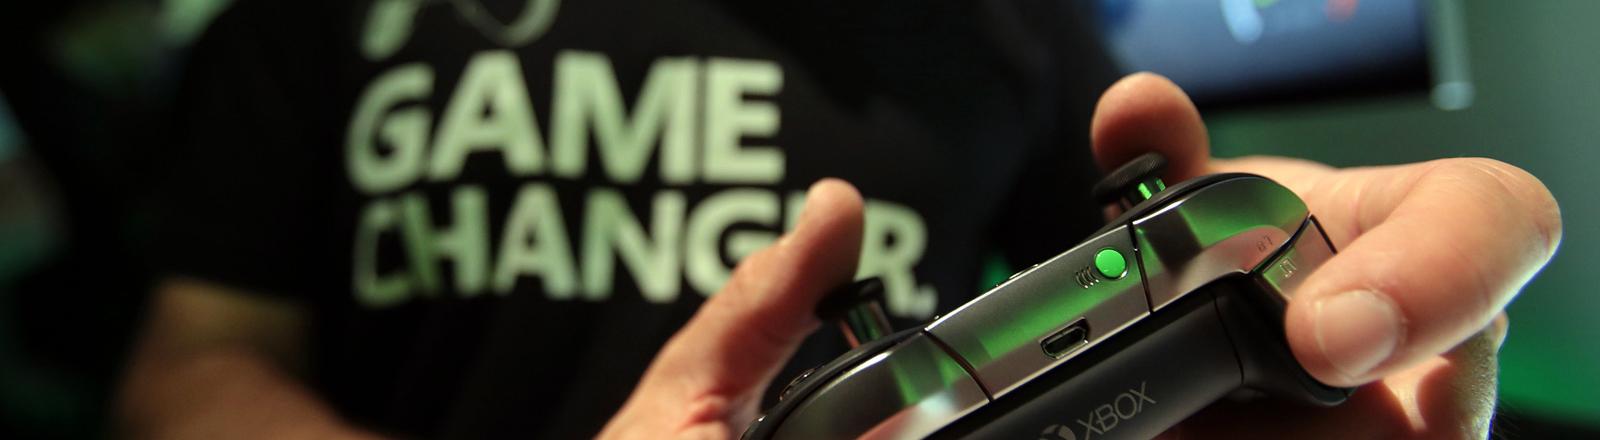 Besucher der Gamescom testen die Spielkonsole Microsoft xbox elite.